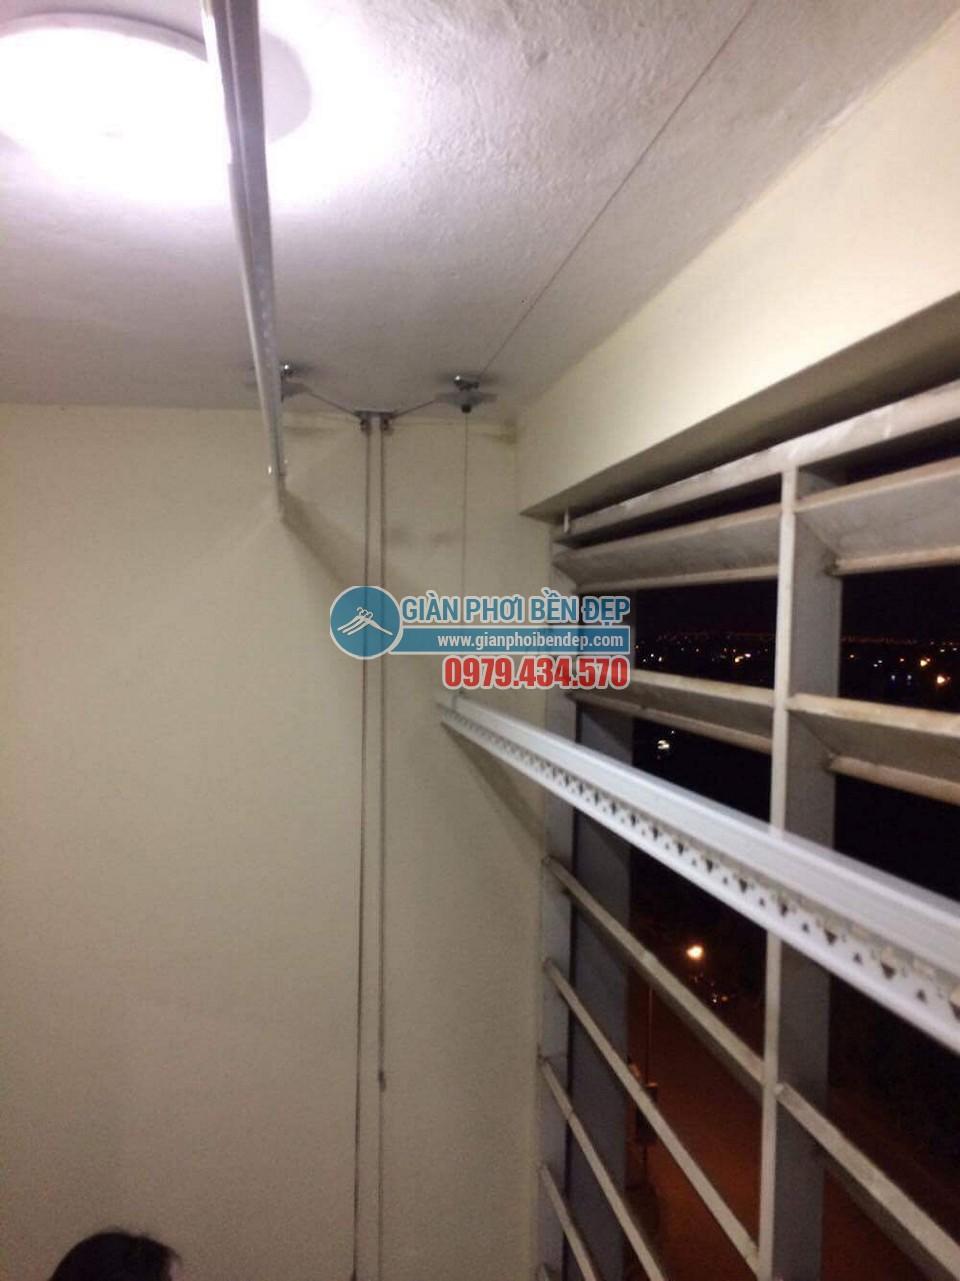 Hoàn thiện lắp đặt giàn phơi thông minh tại nhà chị Hương, chung cư CT6 Đặng Xá